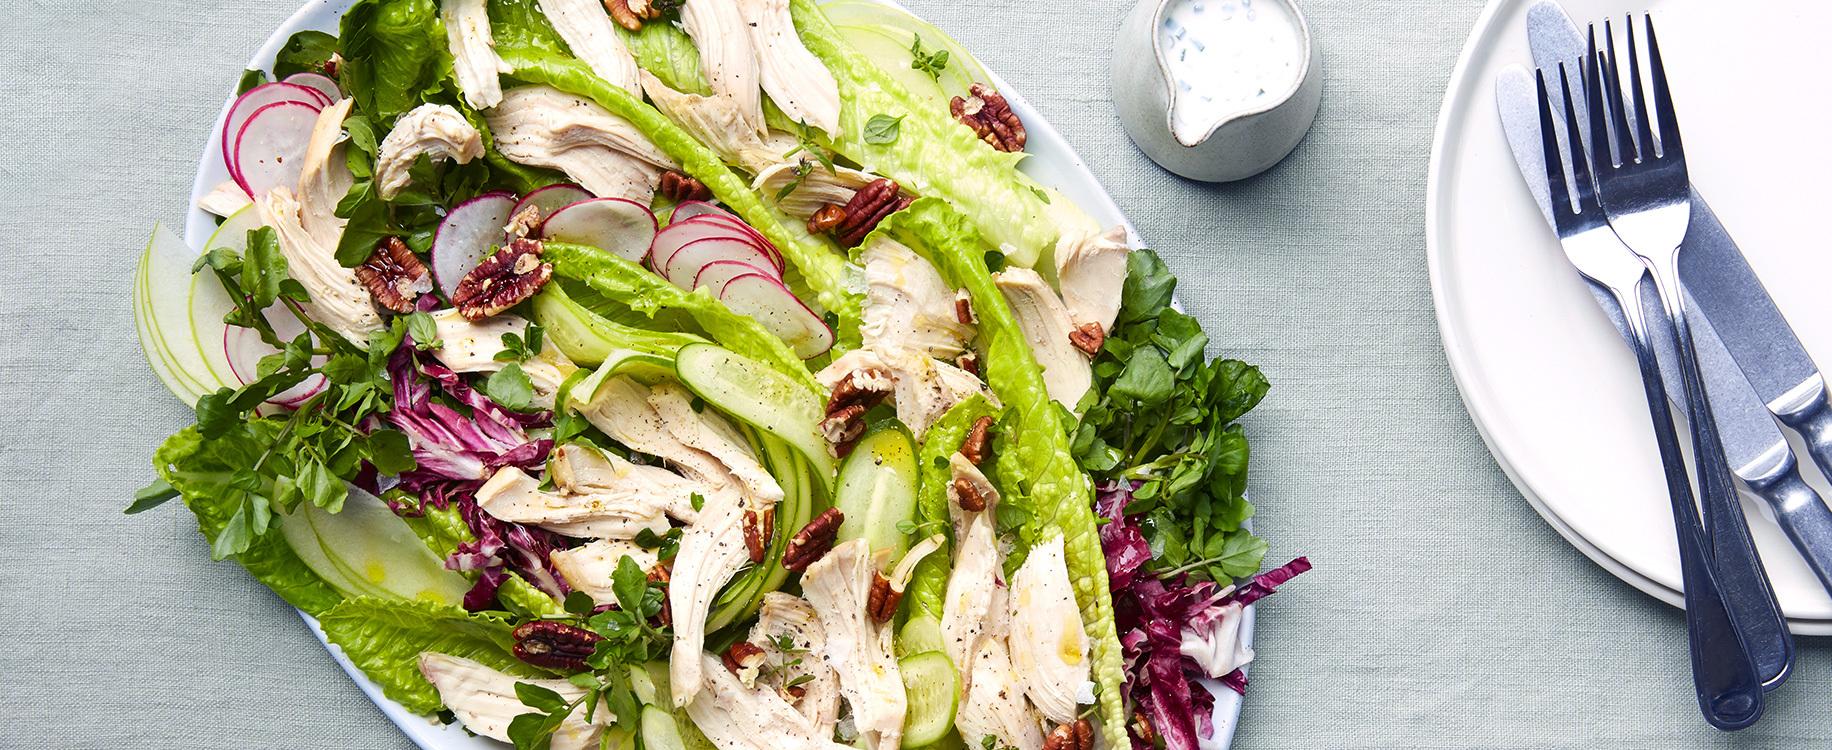 Salade de cresson poulet roti pomme verte sauce au chevre frais